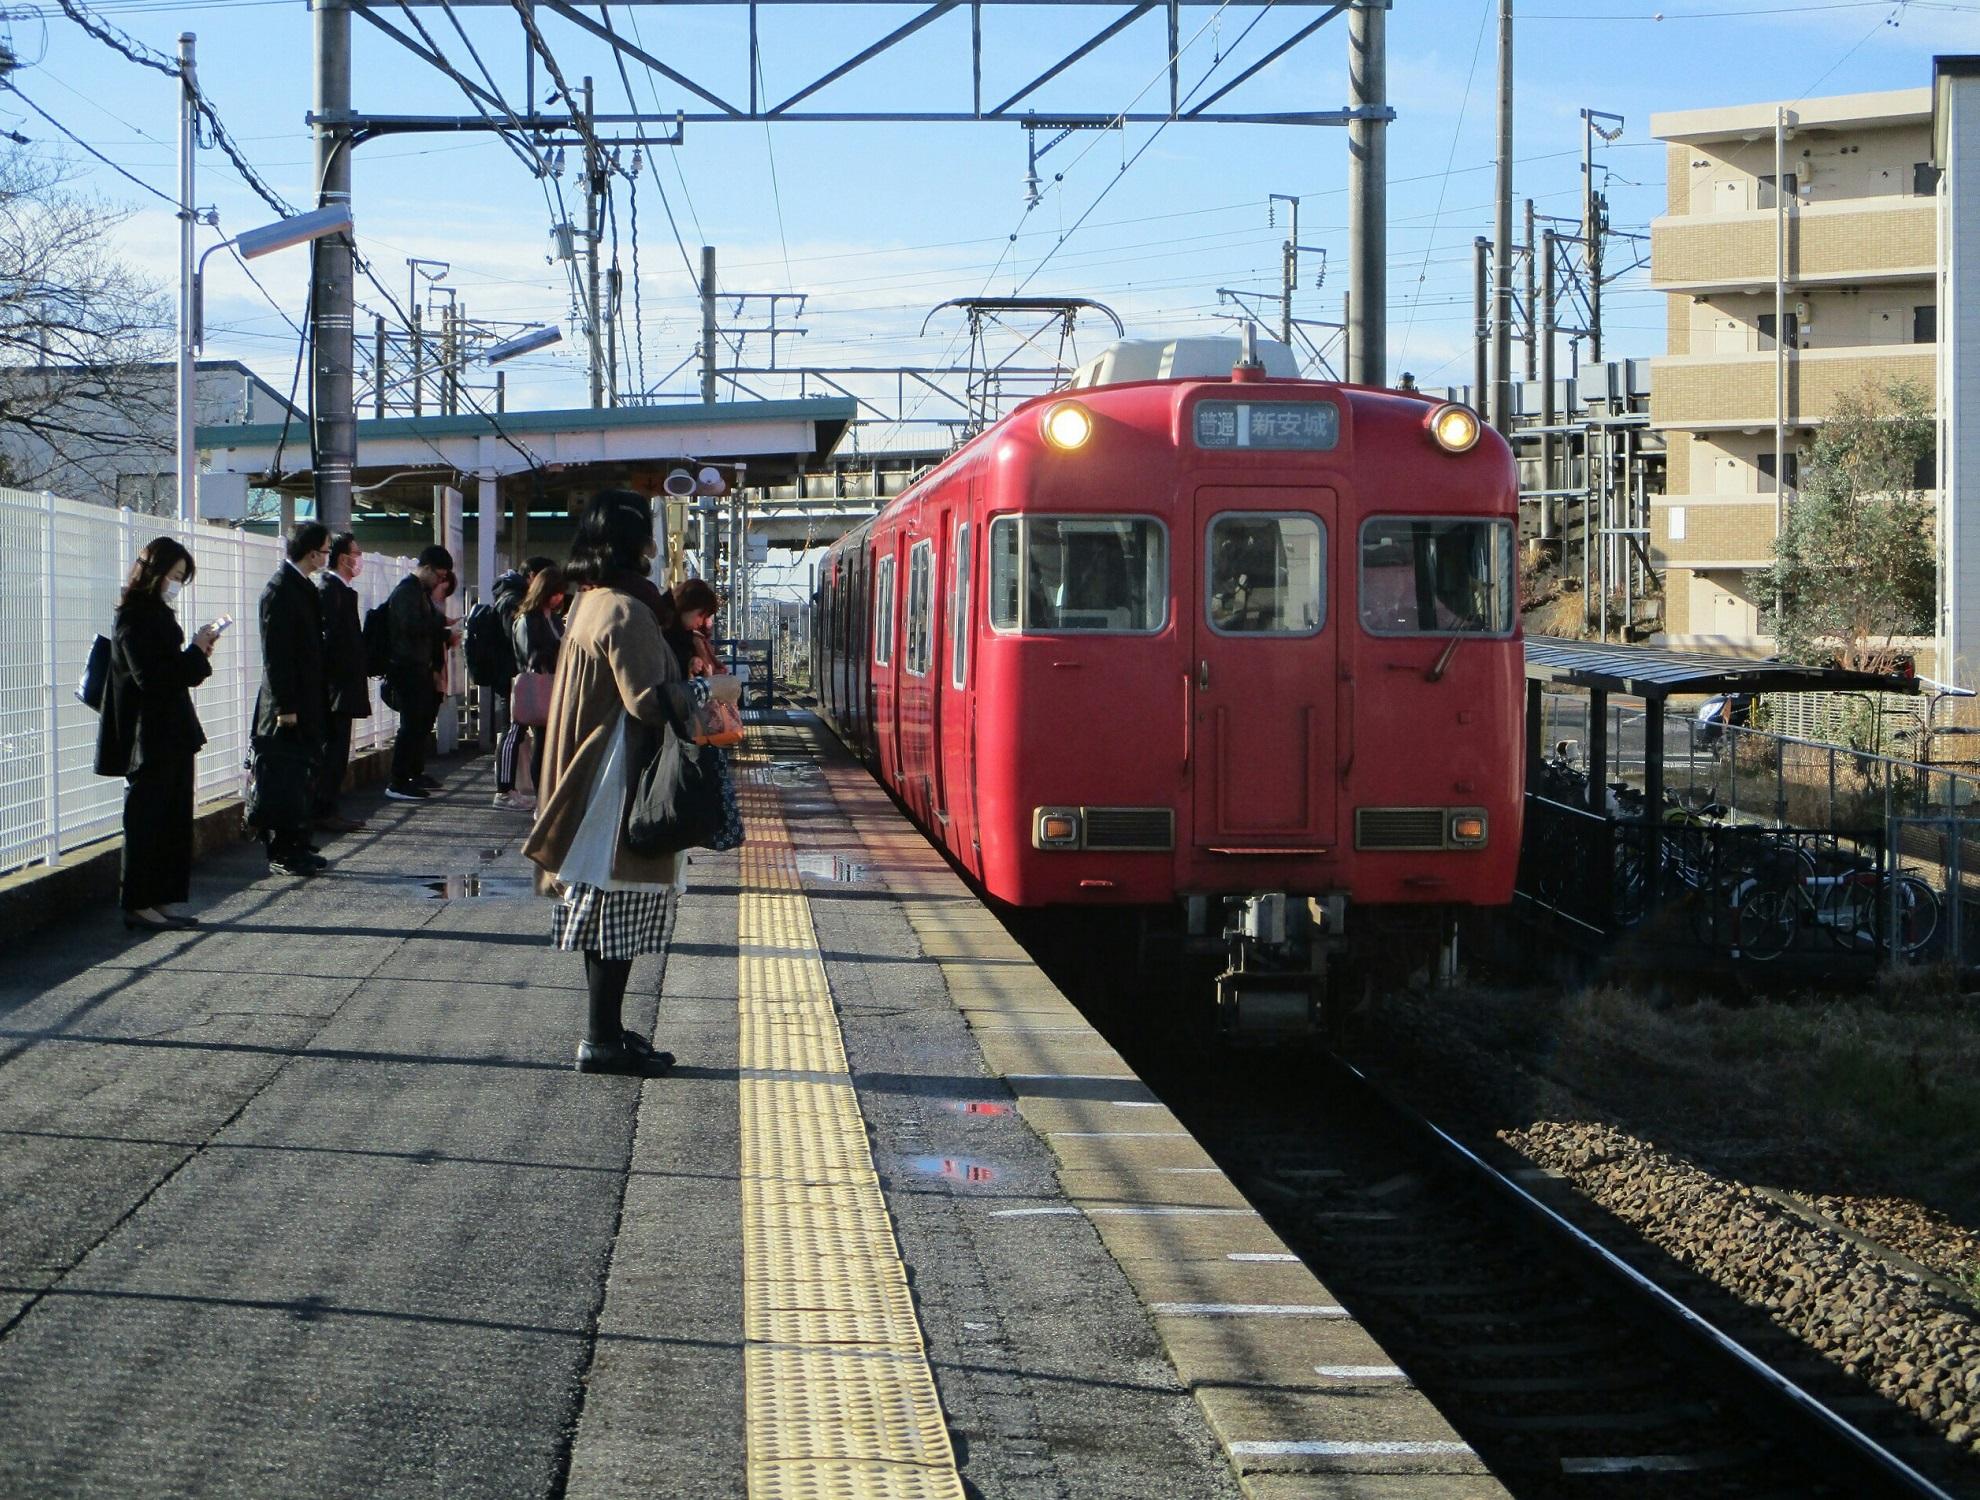 2019.3.7 (1) ふるい - しんあんじょういきふつう 1980-1500